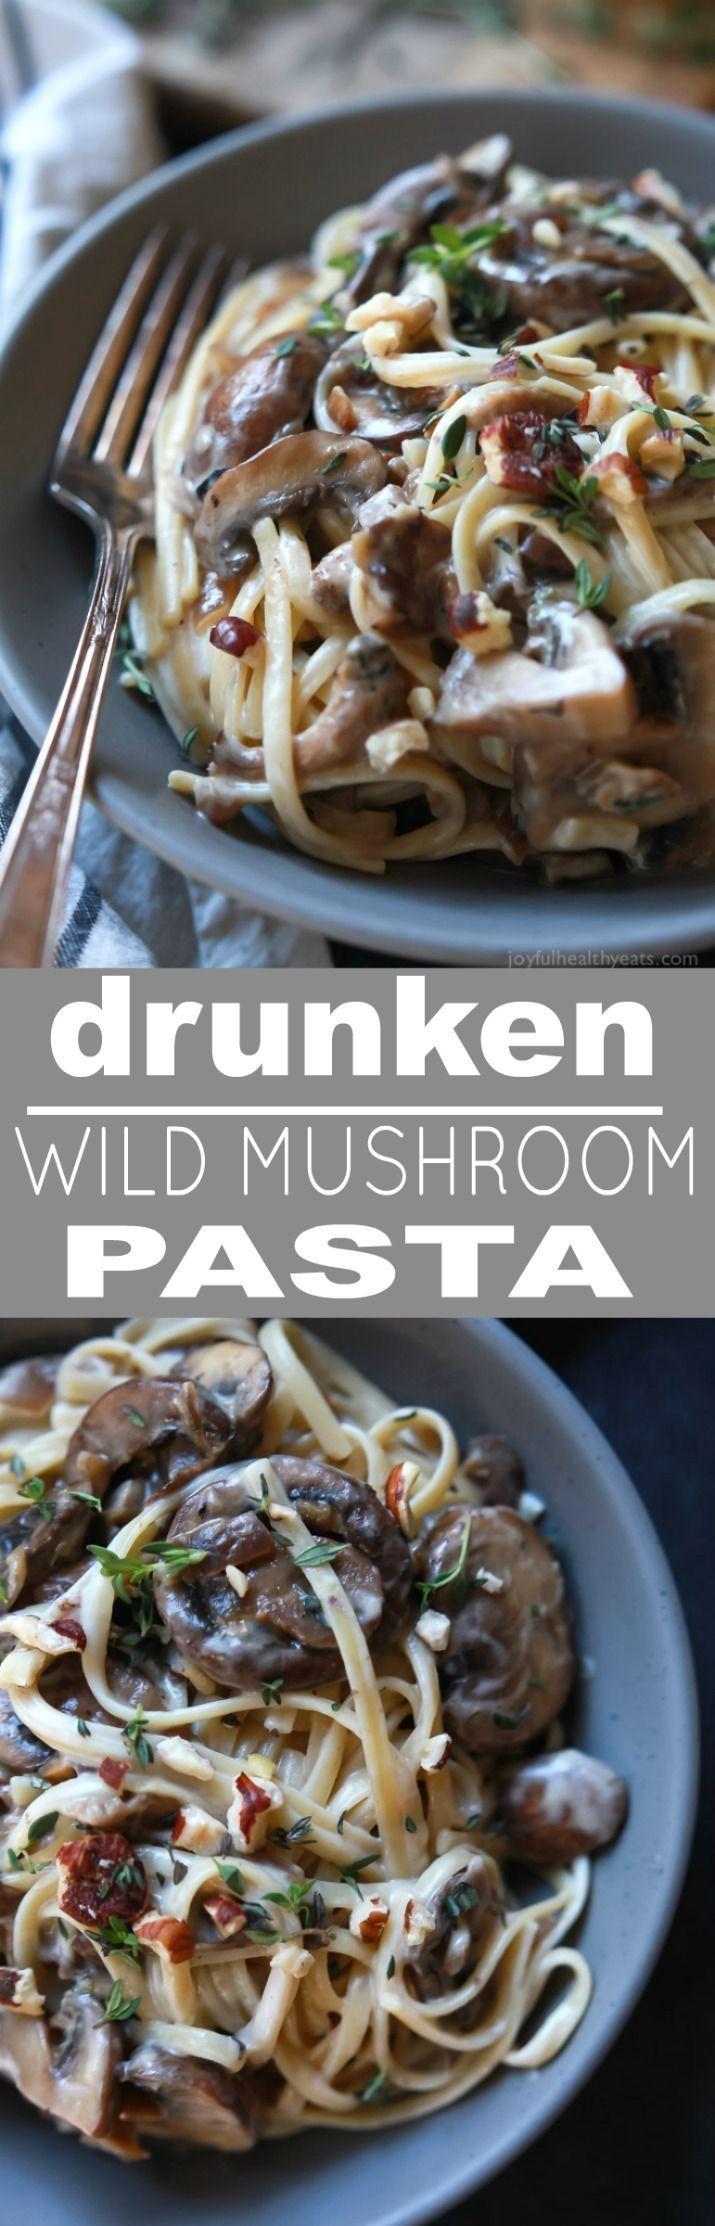 online shop sale Drunken Wild Mushroom Pasta